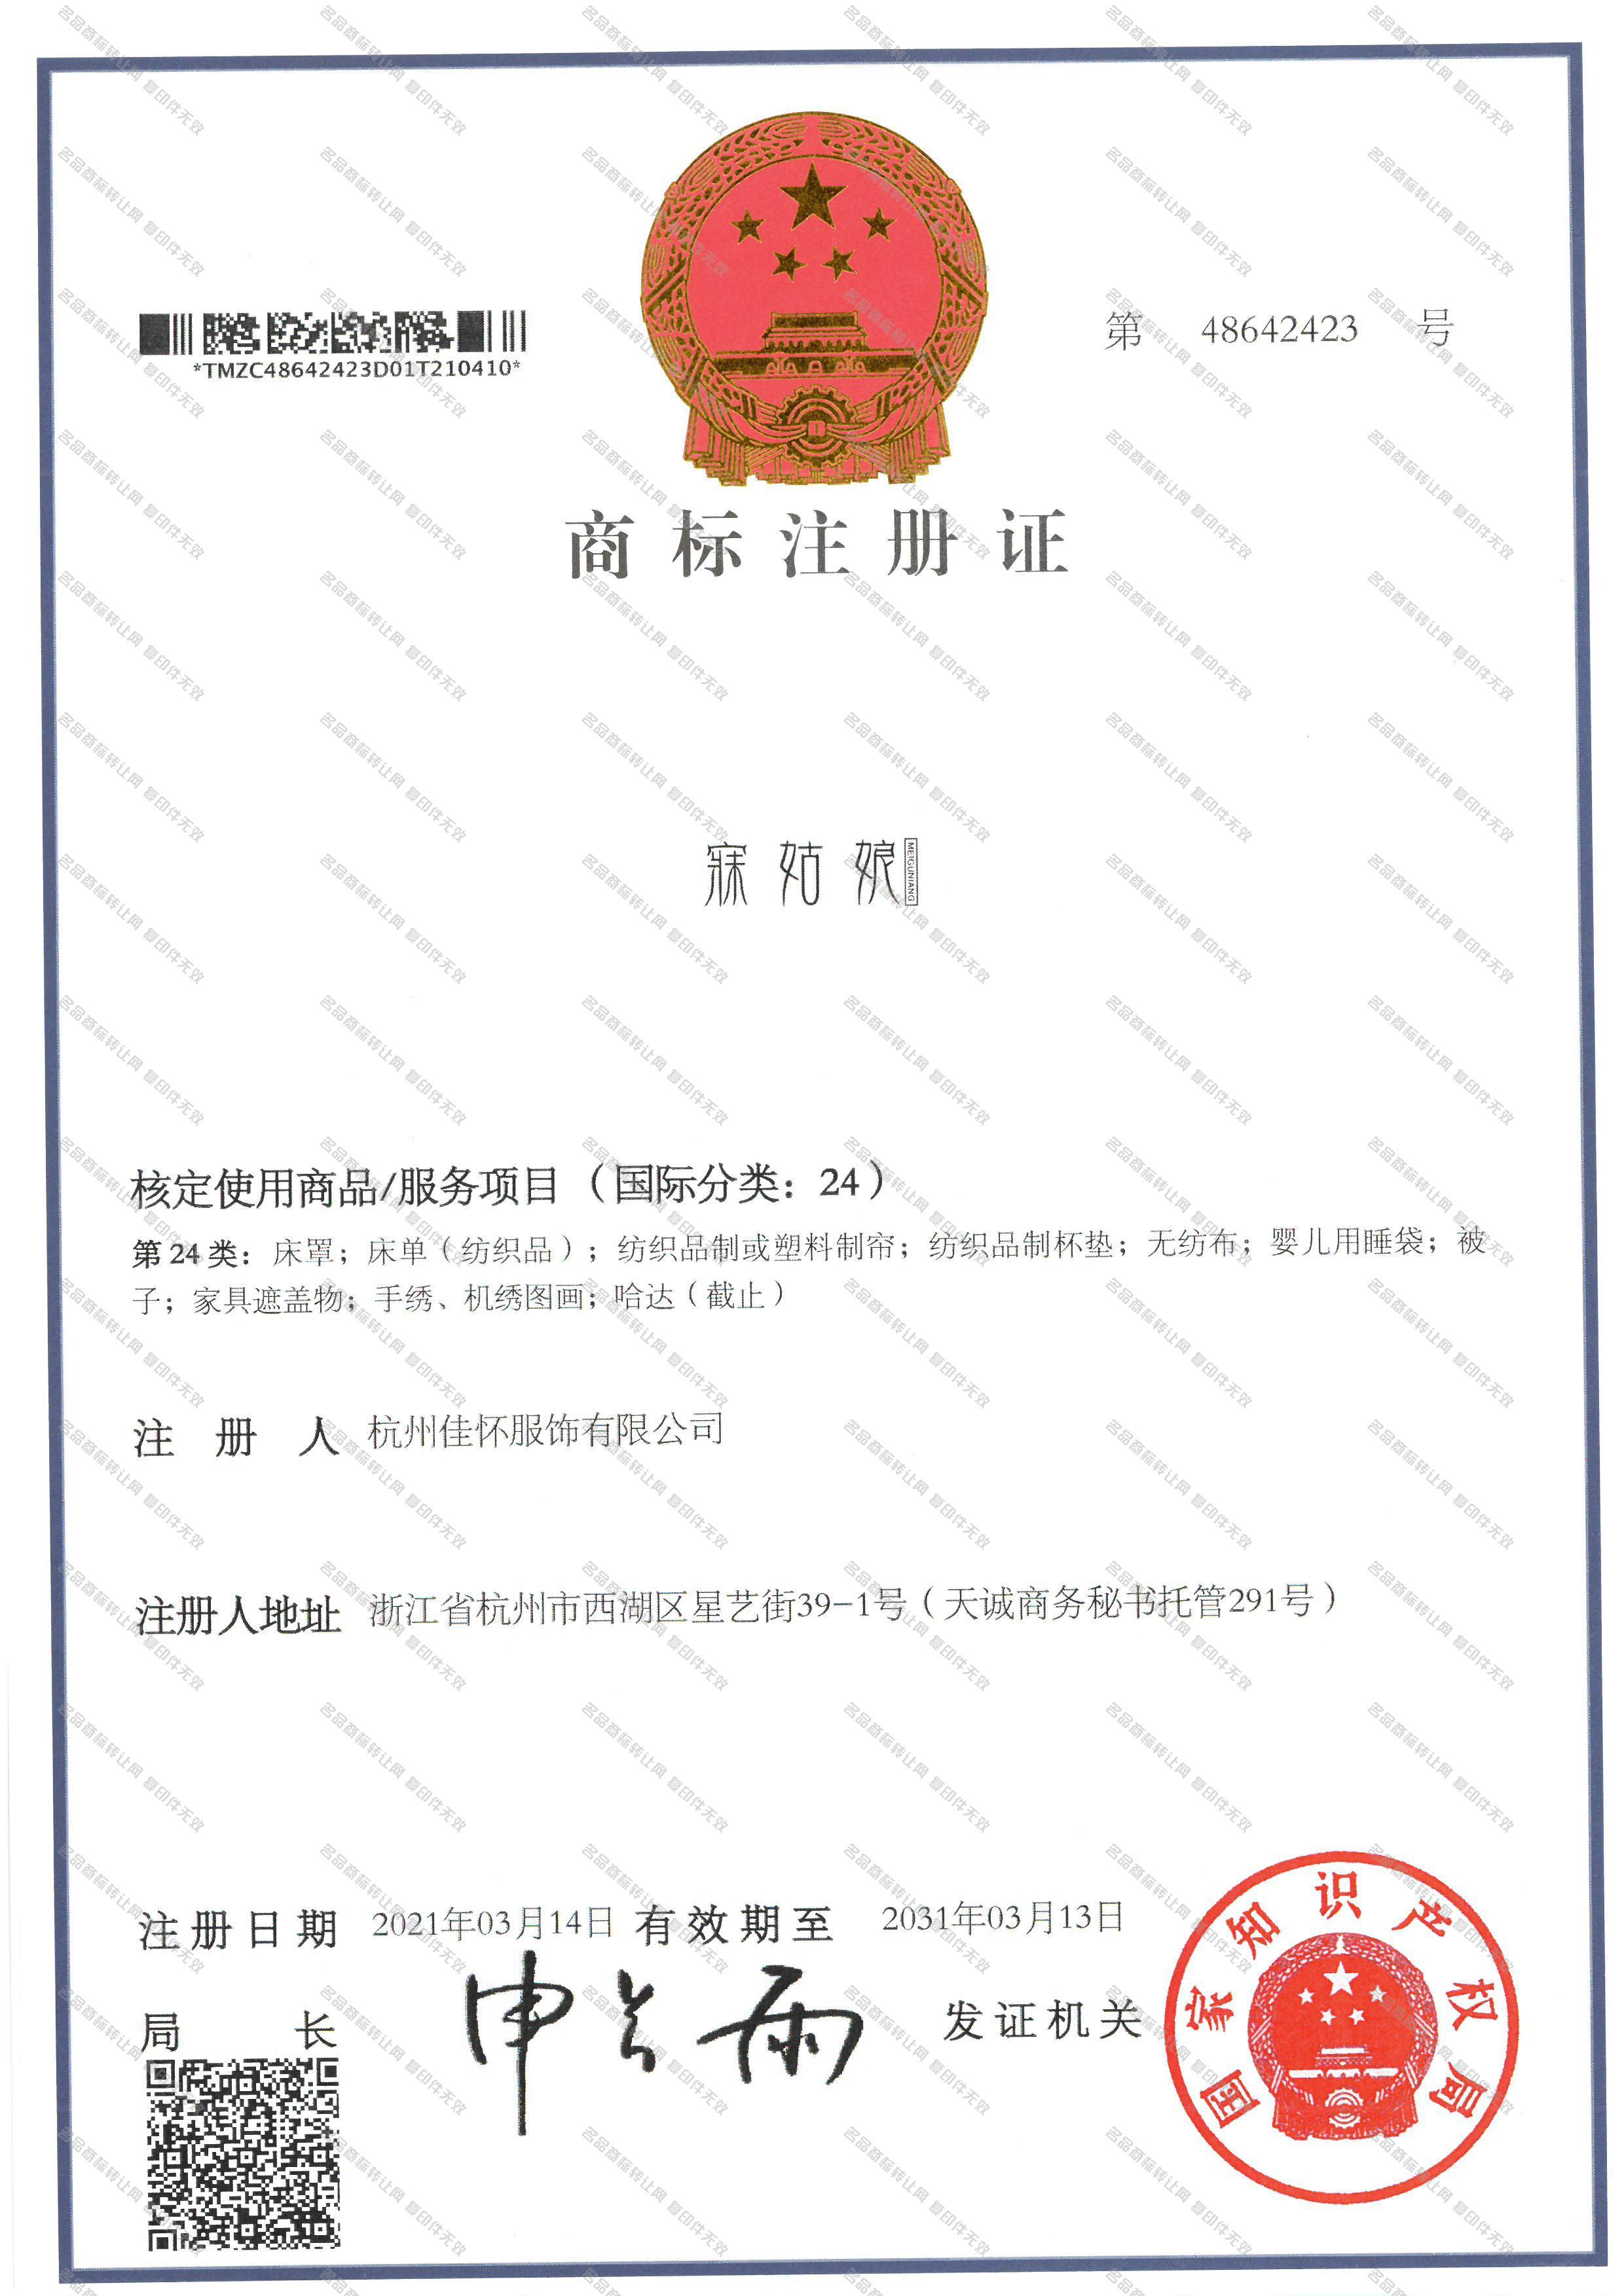 寐姑娘;MEIGUNIANG注册证